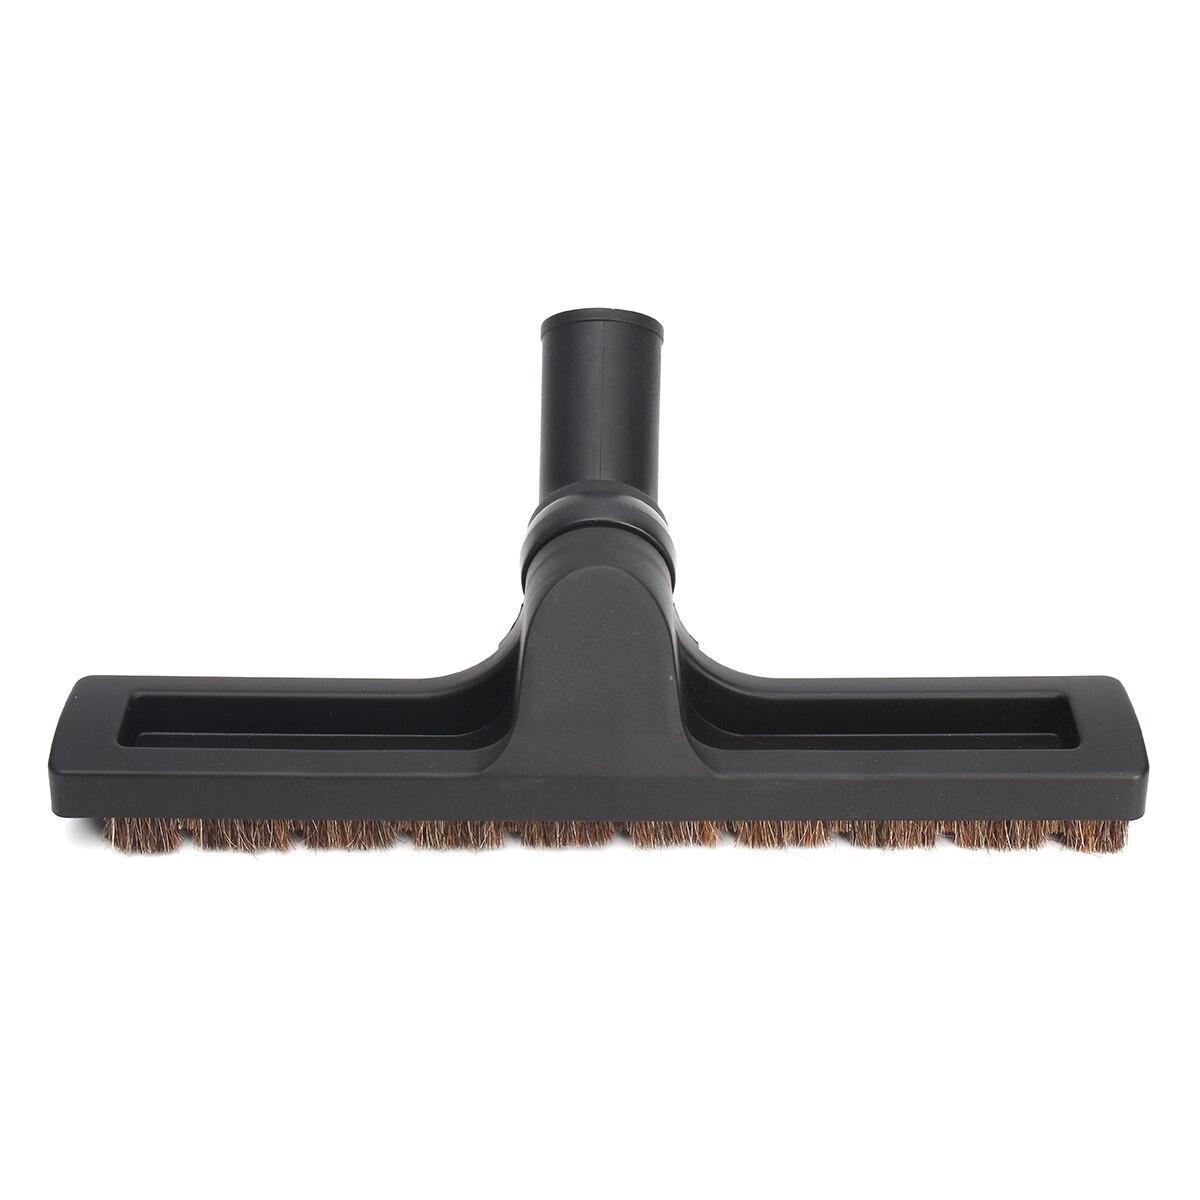 32 мм вращающаяся щетка для пыли инструмент для пылесоса насадка 360 градусов щетка для пола инструмент для замены